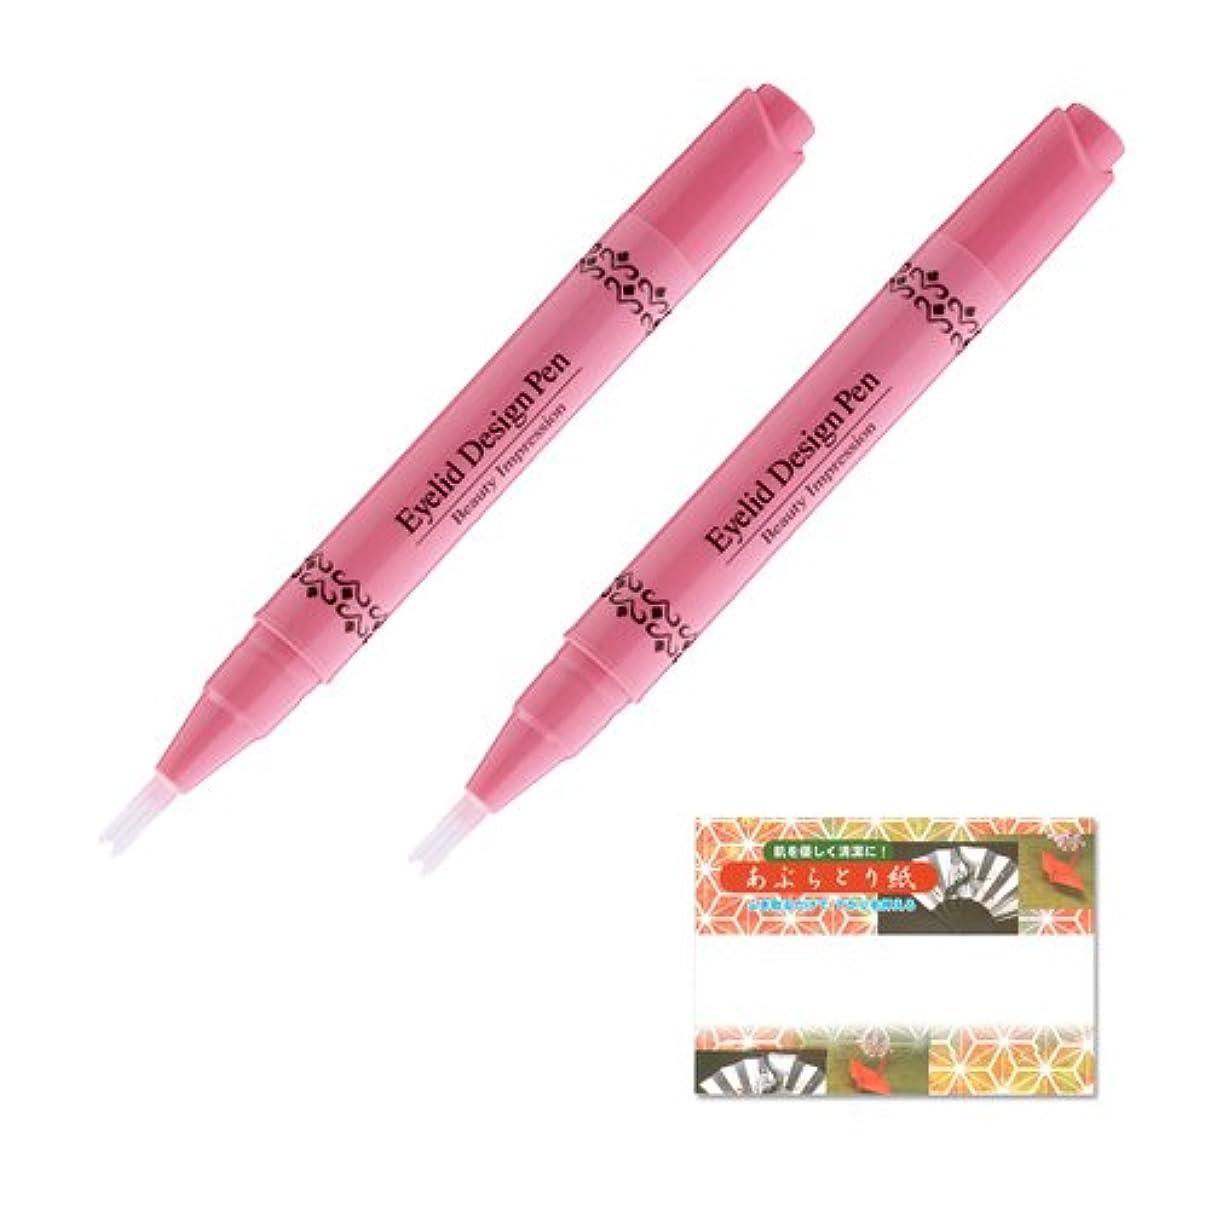 壮大な不利少なくともBeauty Impression アイリッドデザインペン 2ml (二重まぶた形成化粧品) ×2組 油取り紙のセット